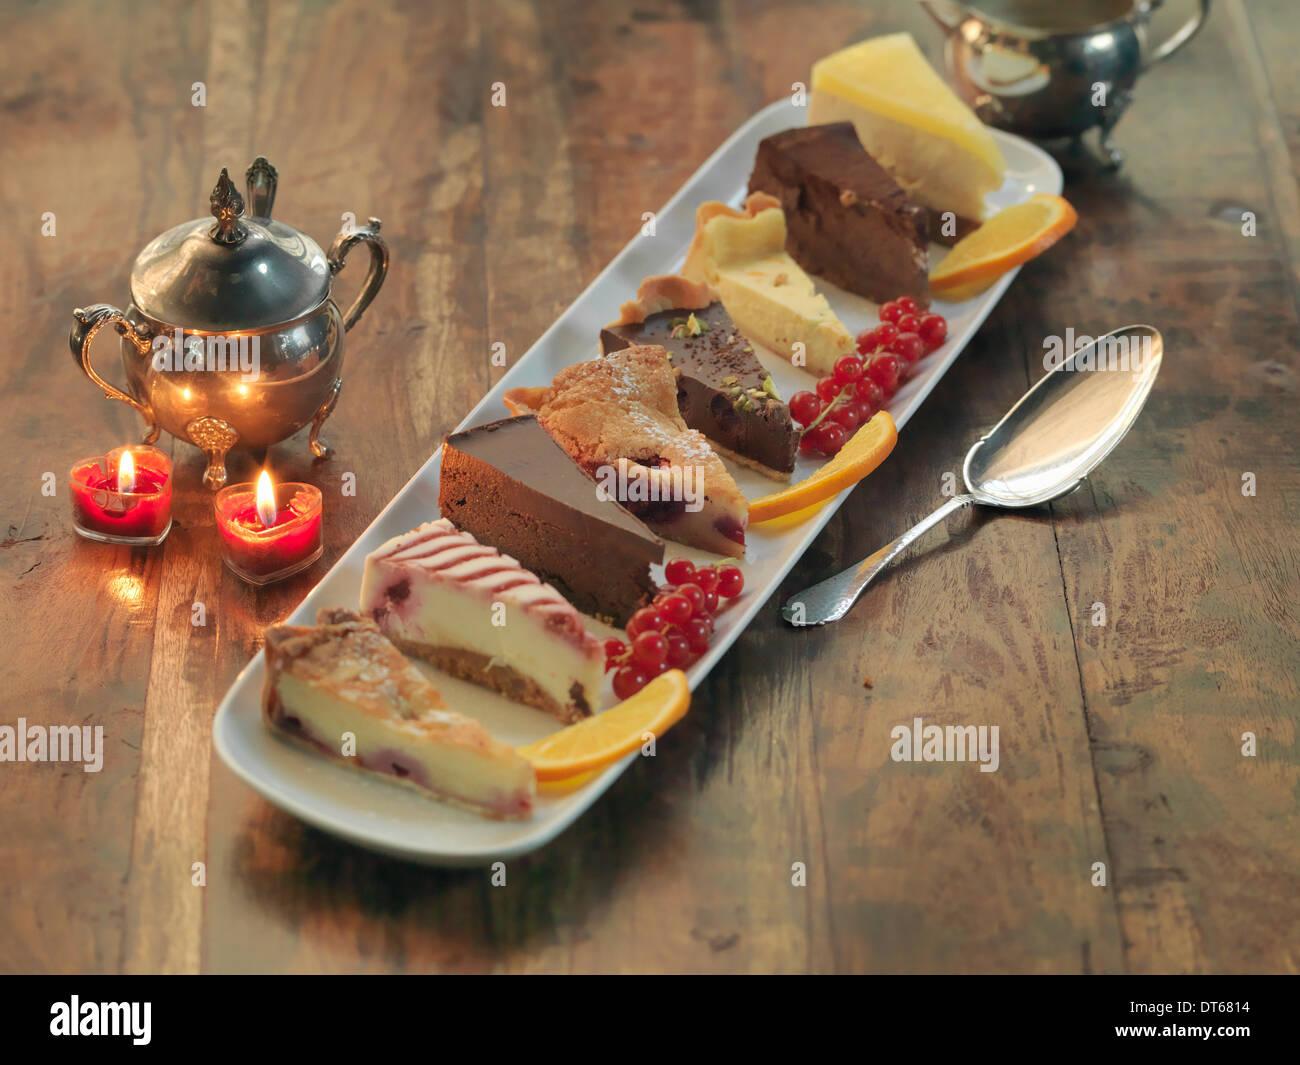 Technique mixte, assiette de gâteaux et de tartes chez les décorations de fête Photo Stock